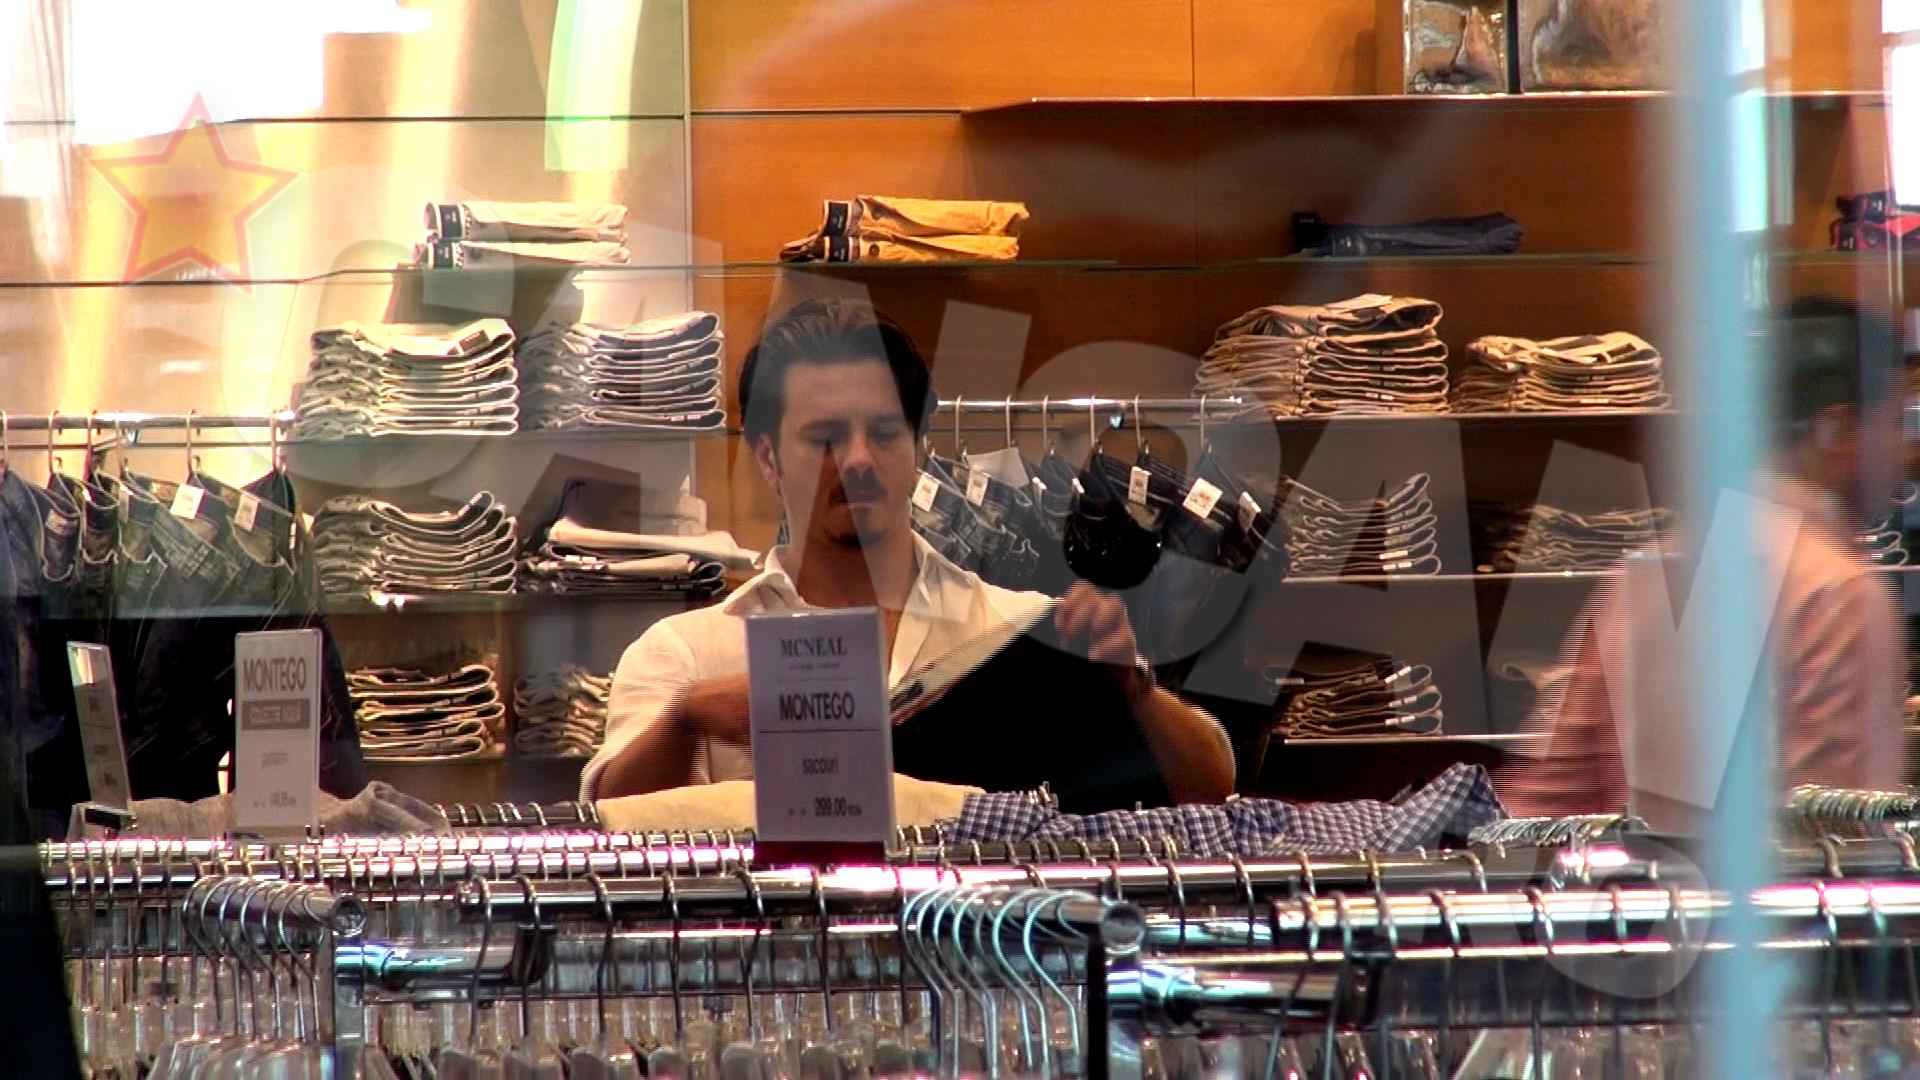 Juratul TV a colindat magazinele in cautarea unei perechi de pantaloni